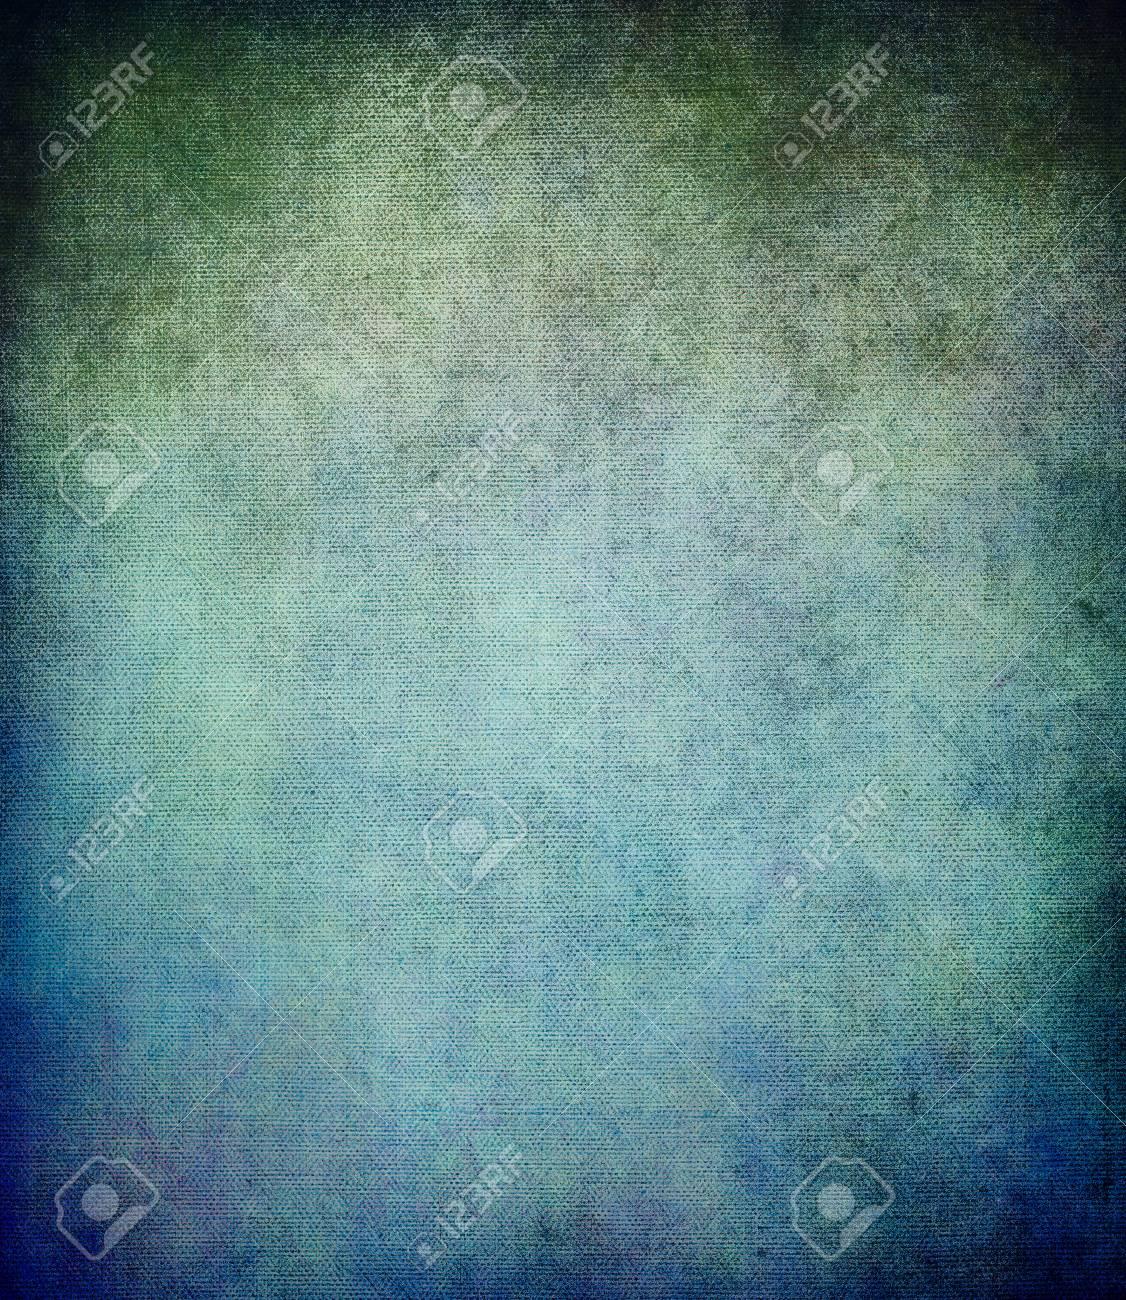 blue background black border, cool blue color background book